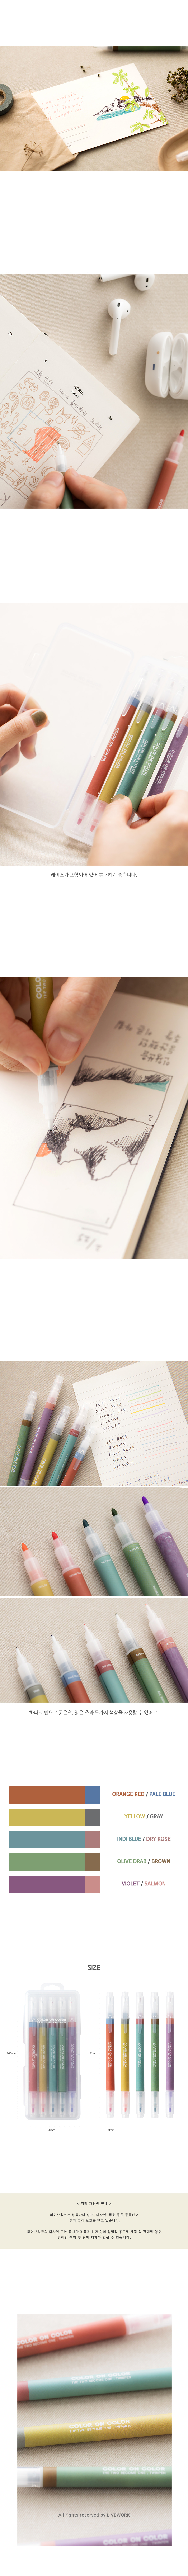 트윈플러스펜 v.2 vintage -10colors - 라이브워크, 6,500원, 데코펜, 데코펜 세트